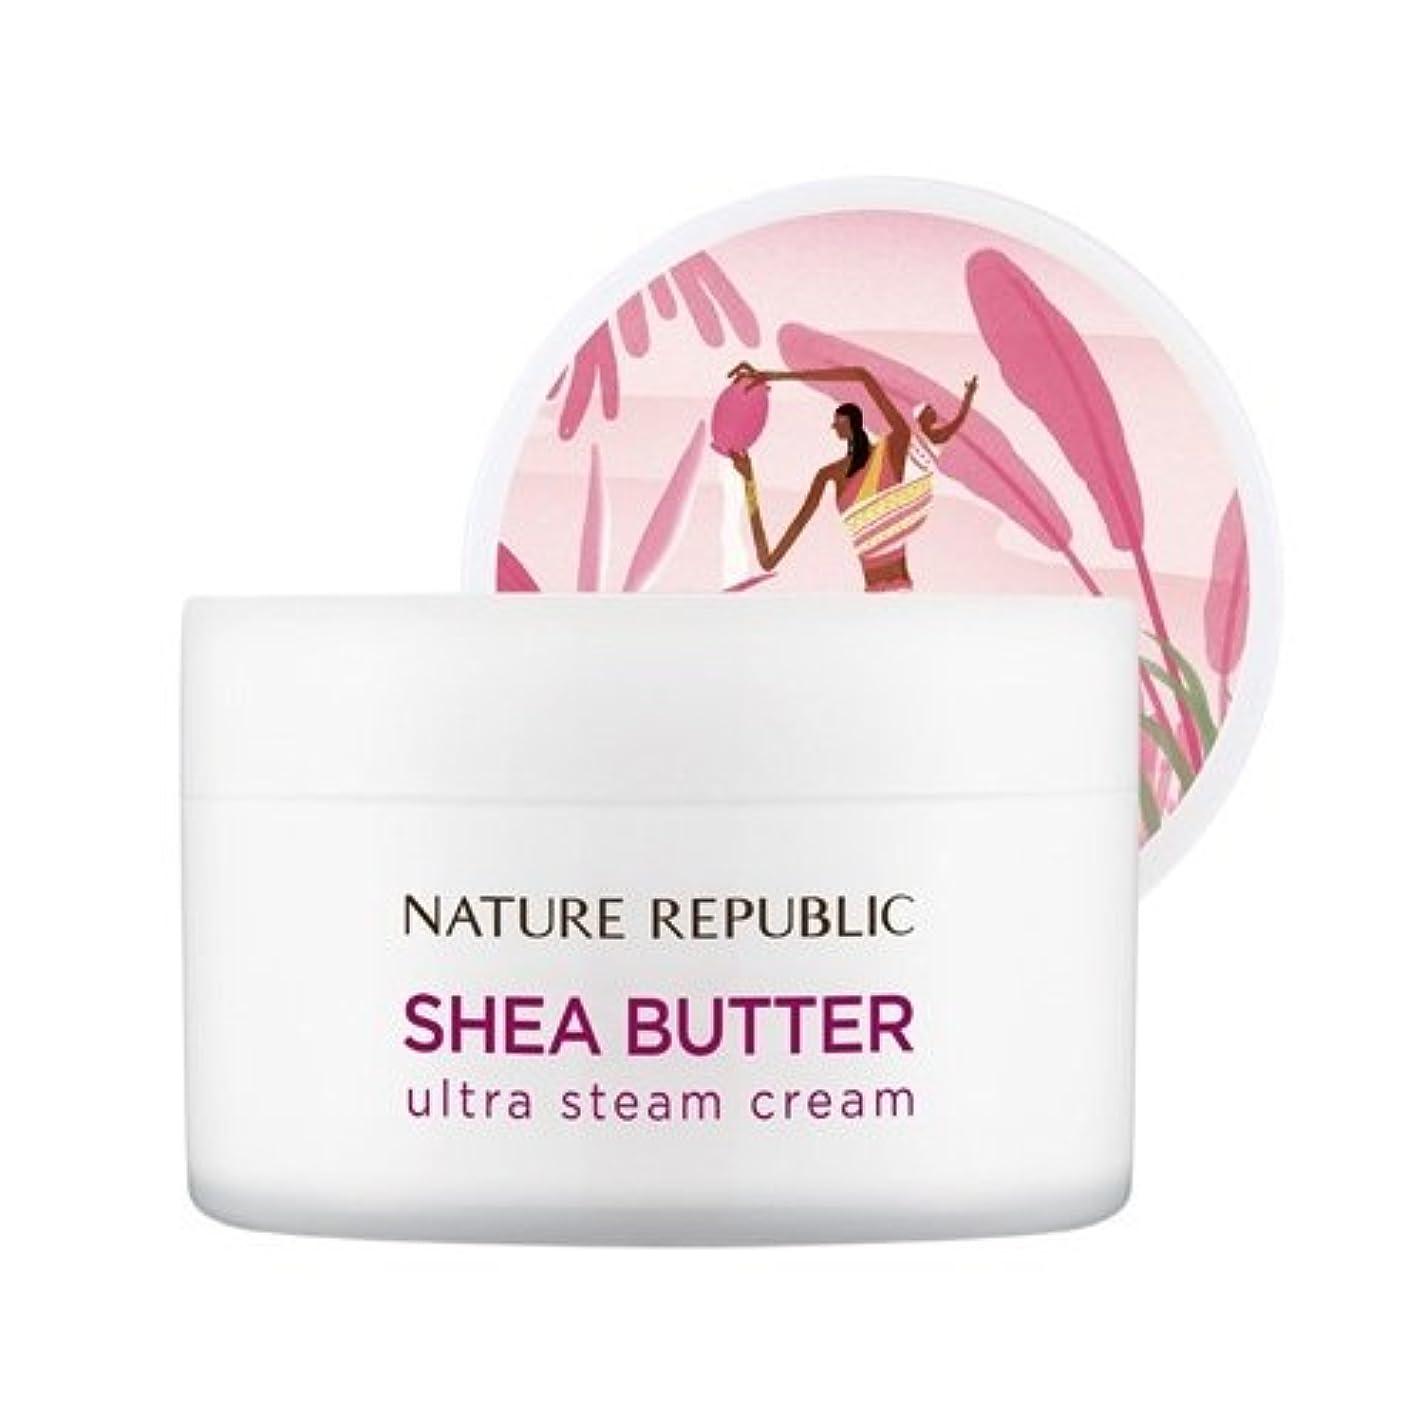 描写進化留め金NATURE REPUBLIC(ネイチャーリパブリック) SHEA BUTTER STEAM CREAM シアバター スチーム クリーム #ウルトラ極乾燥肌